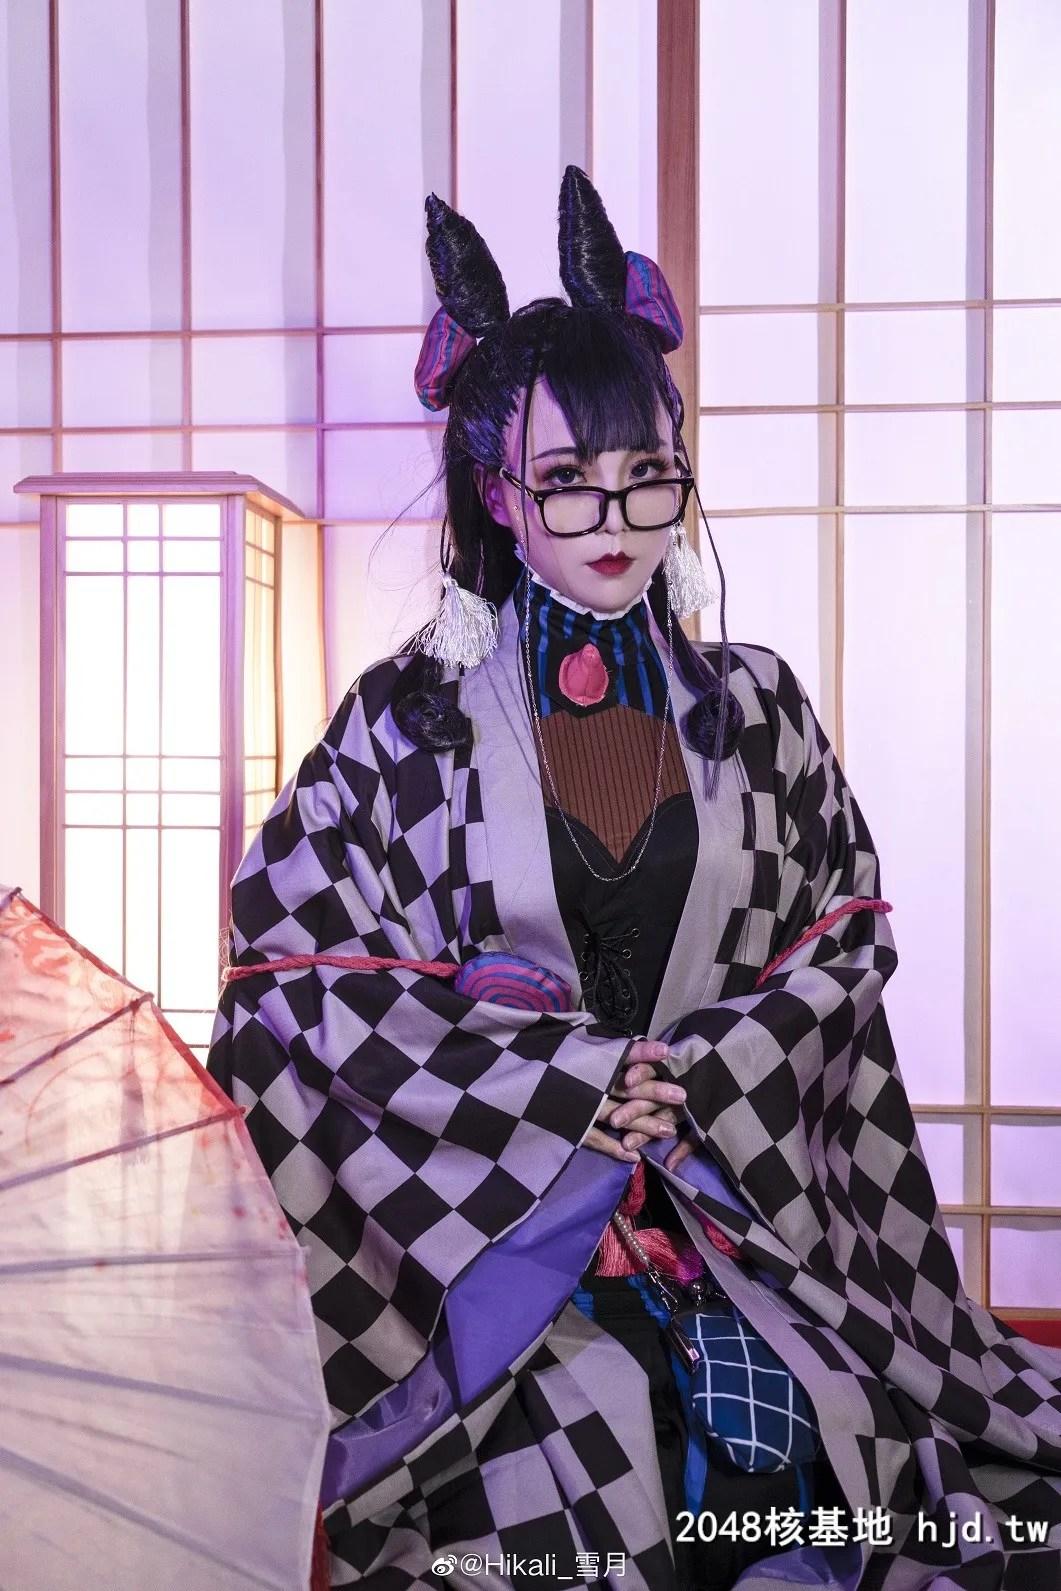 Fate/GrandOrder紫式部@Hikali_雪月 (10P)插图(6)